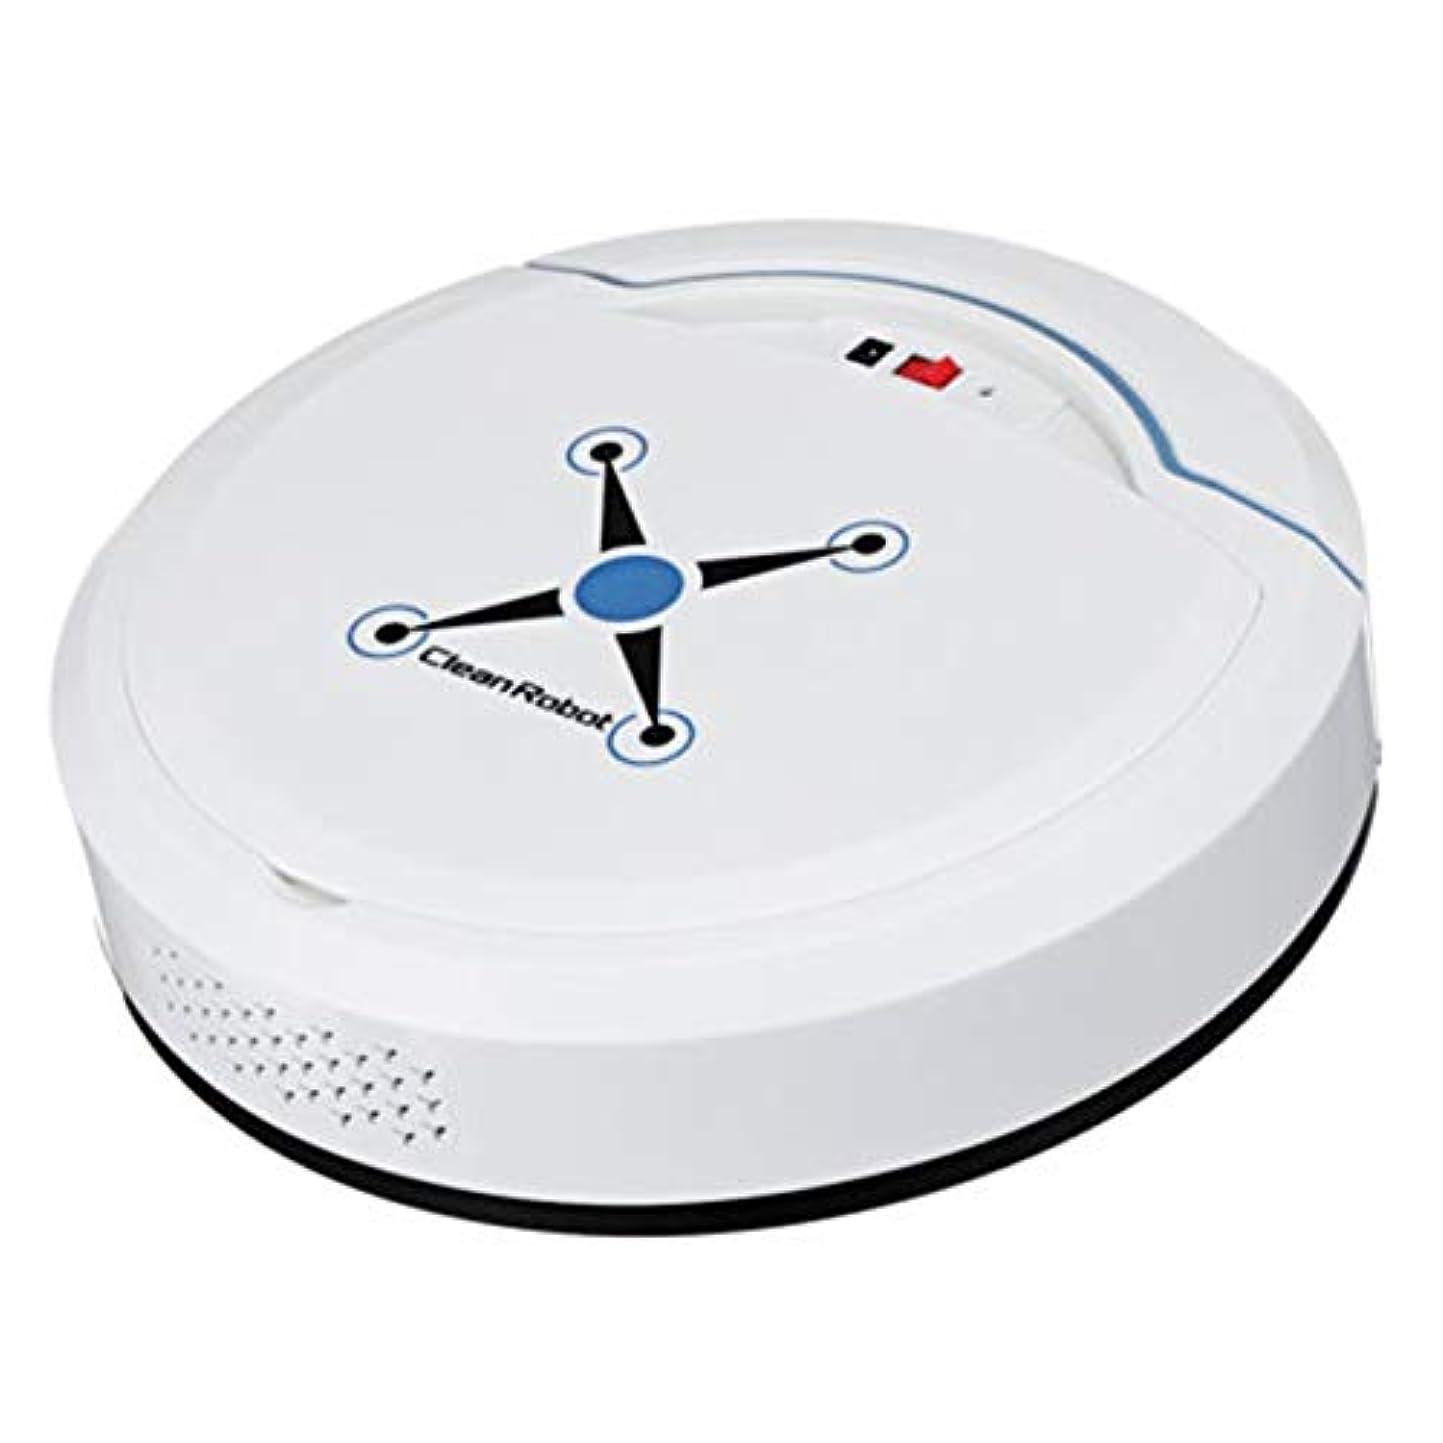 どっちでもケントホラーSaikogoods 充電式 自動清掃ロボット スマート掃くロボット 真空フロアクリーナー ホーム掃くマシン 白